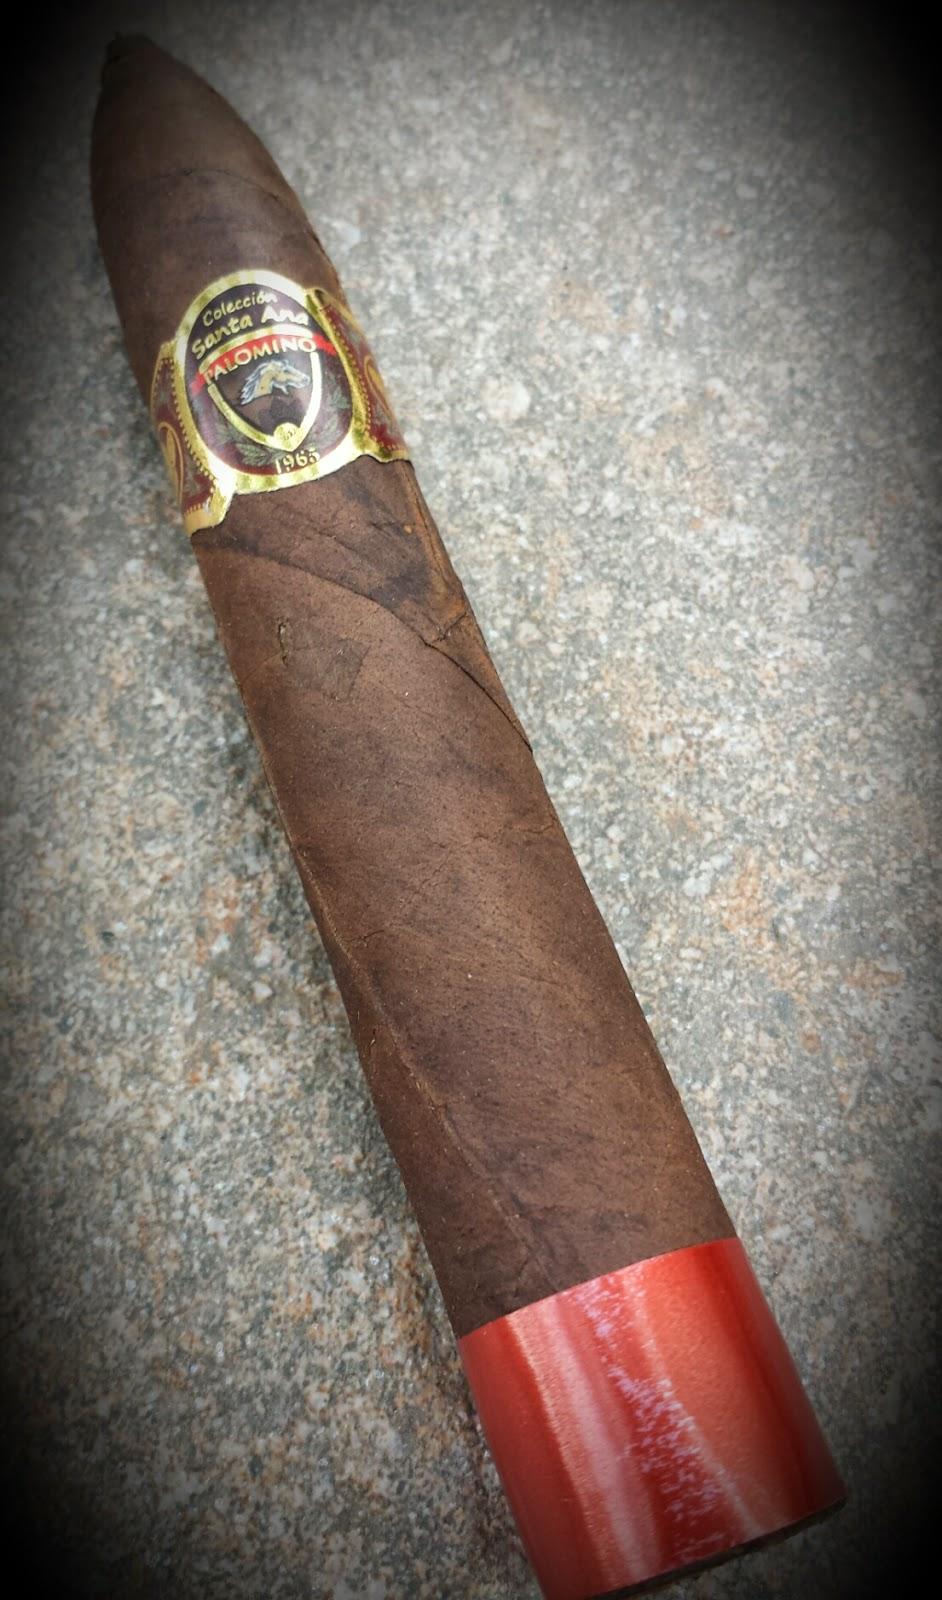 Silvio Palomino Santa Ana Torpedo Cigar